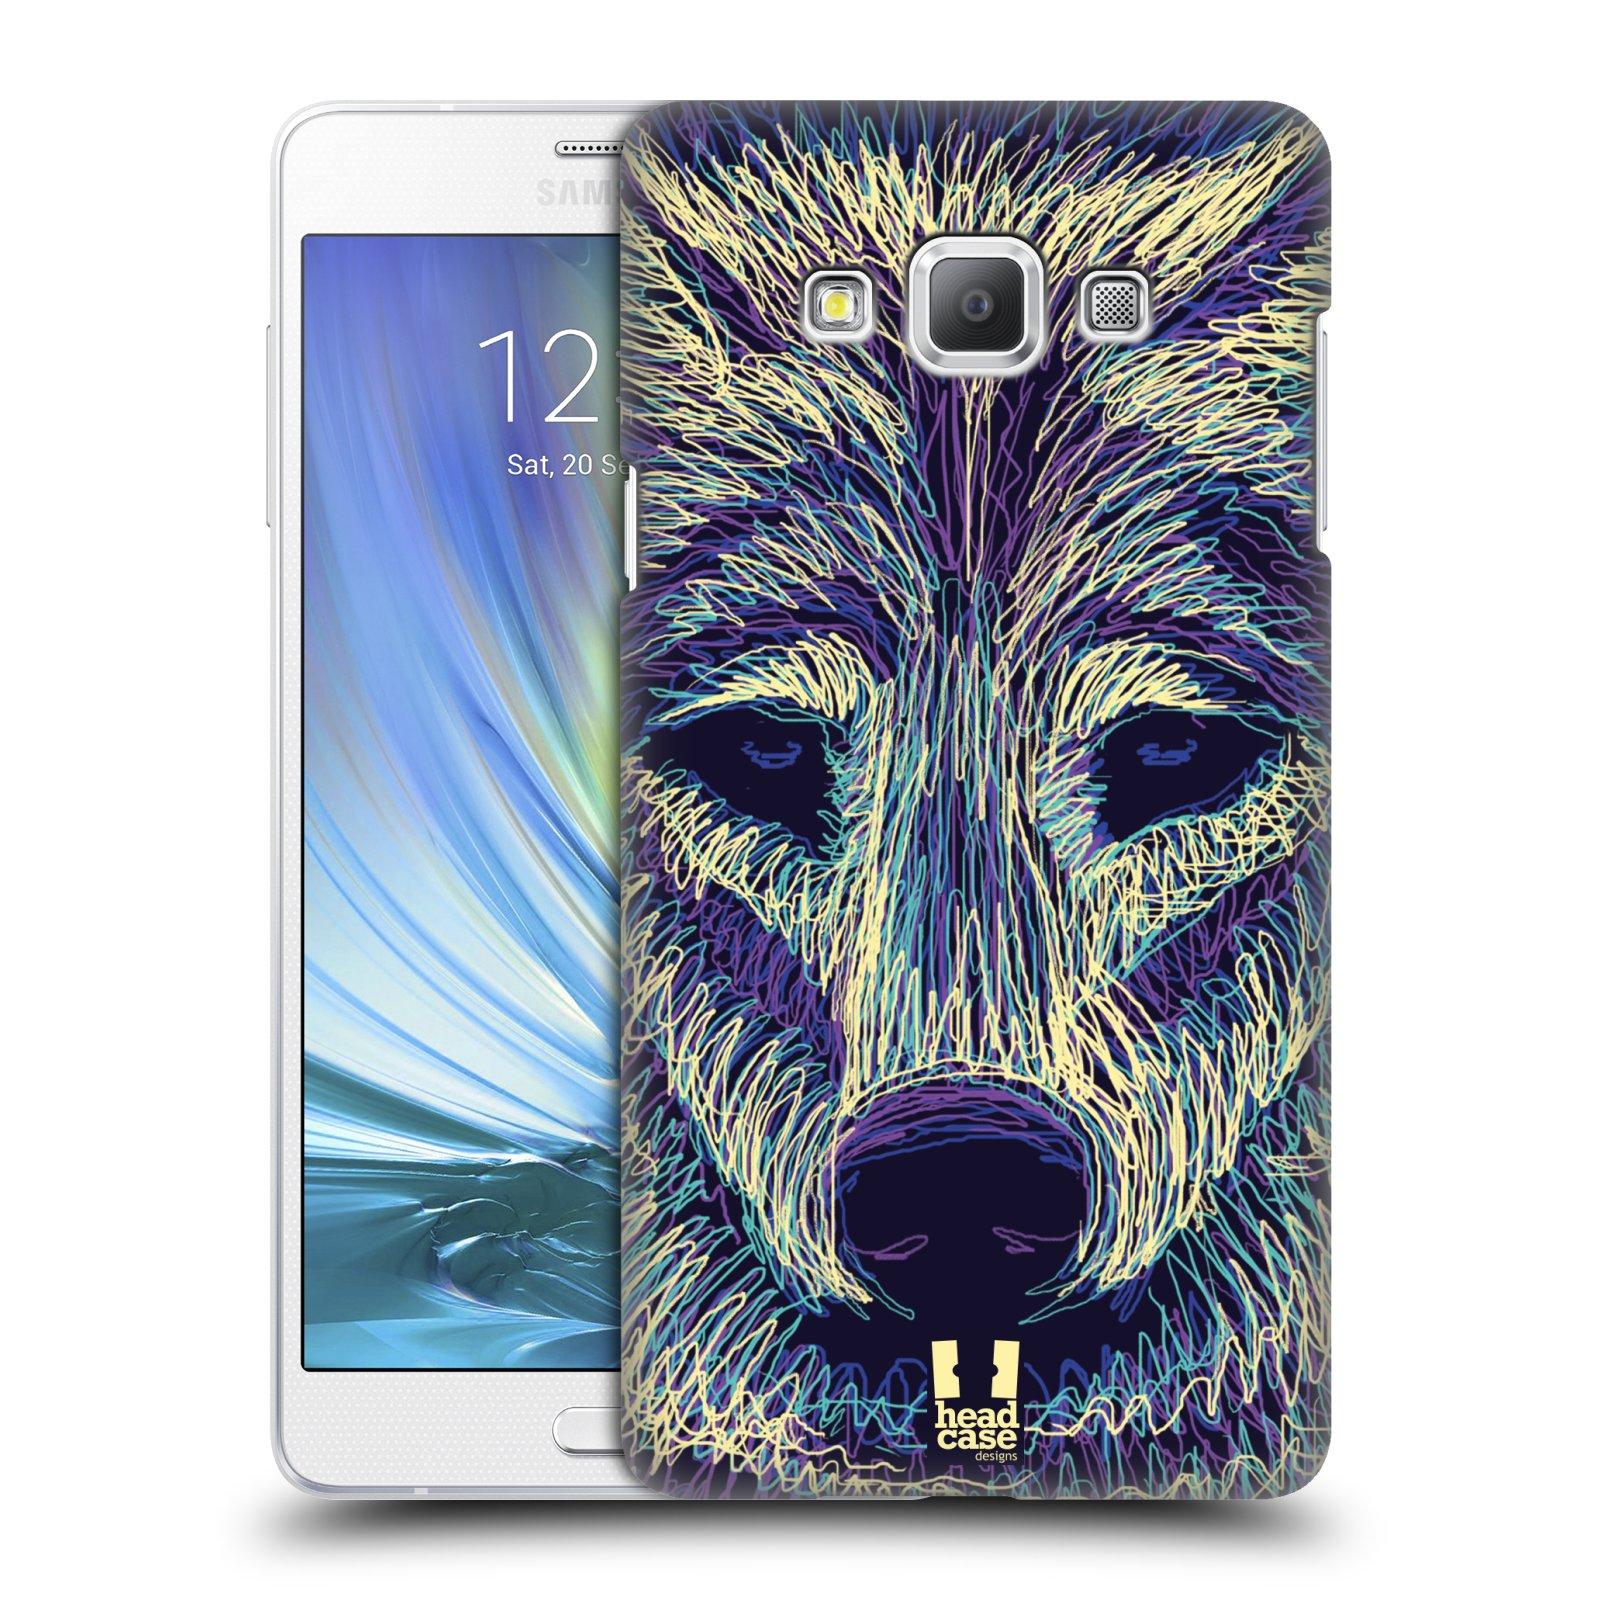 HEAD CASE plastový obal na mobil SAMSUNG GALAXY A7 vzor zvíře čmáranice vlk